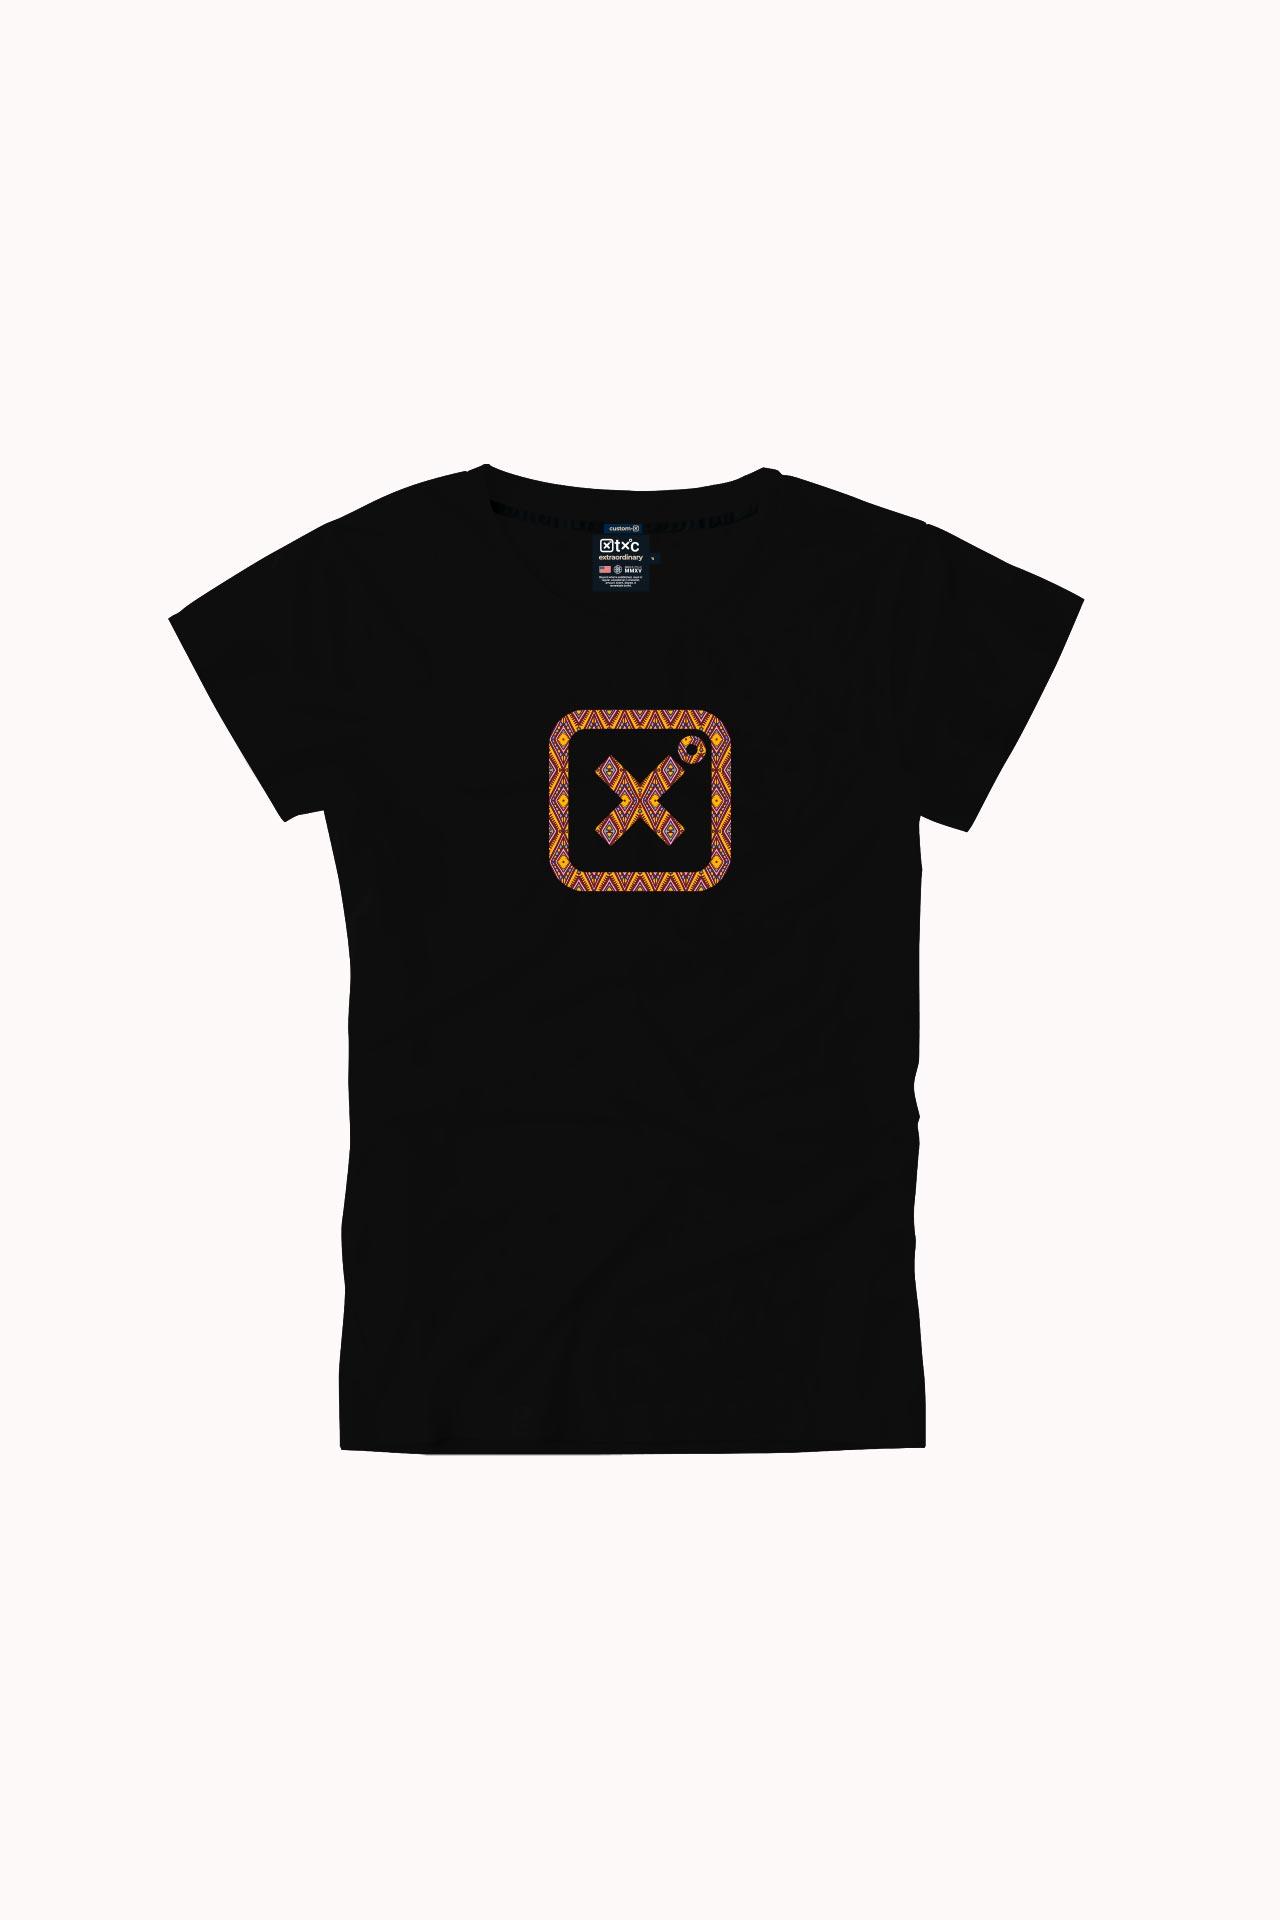 Camiseta Feminina TXC 4883